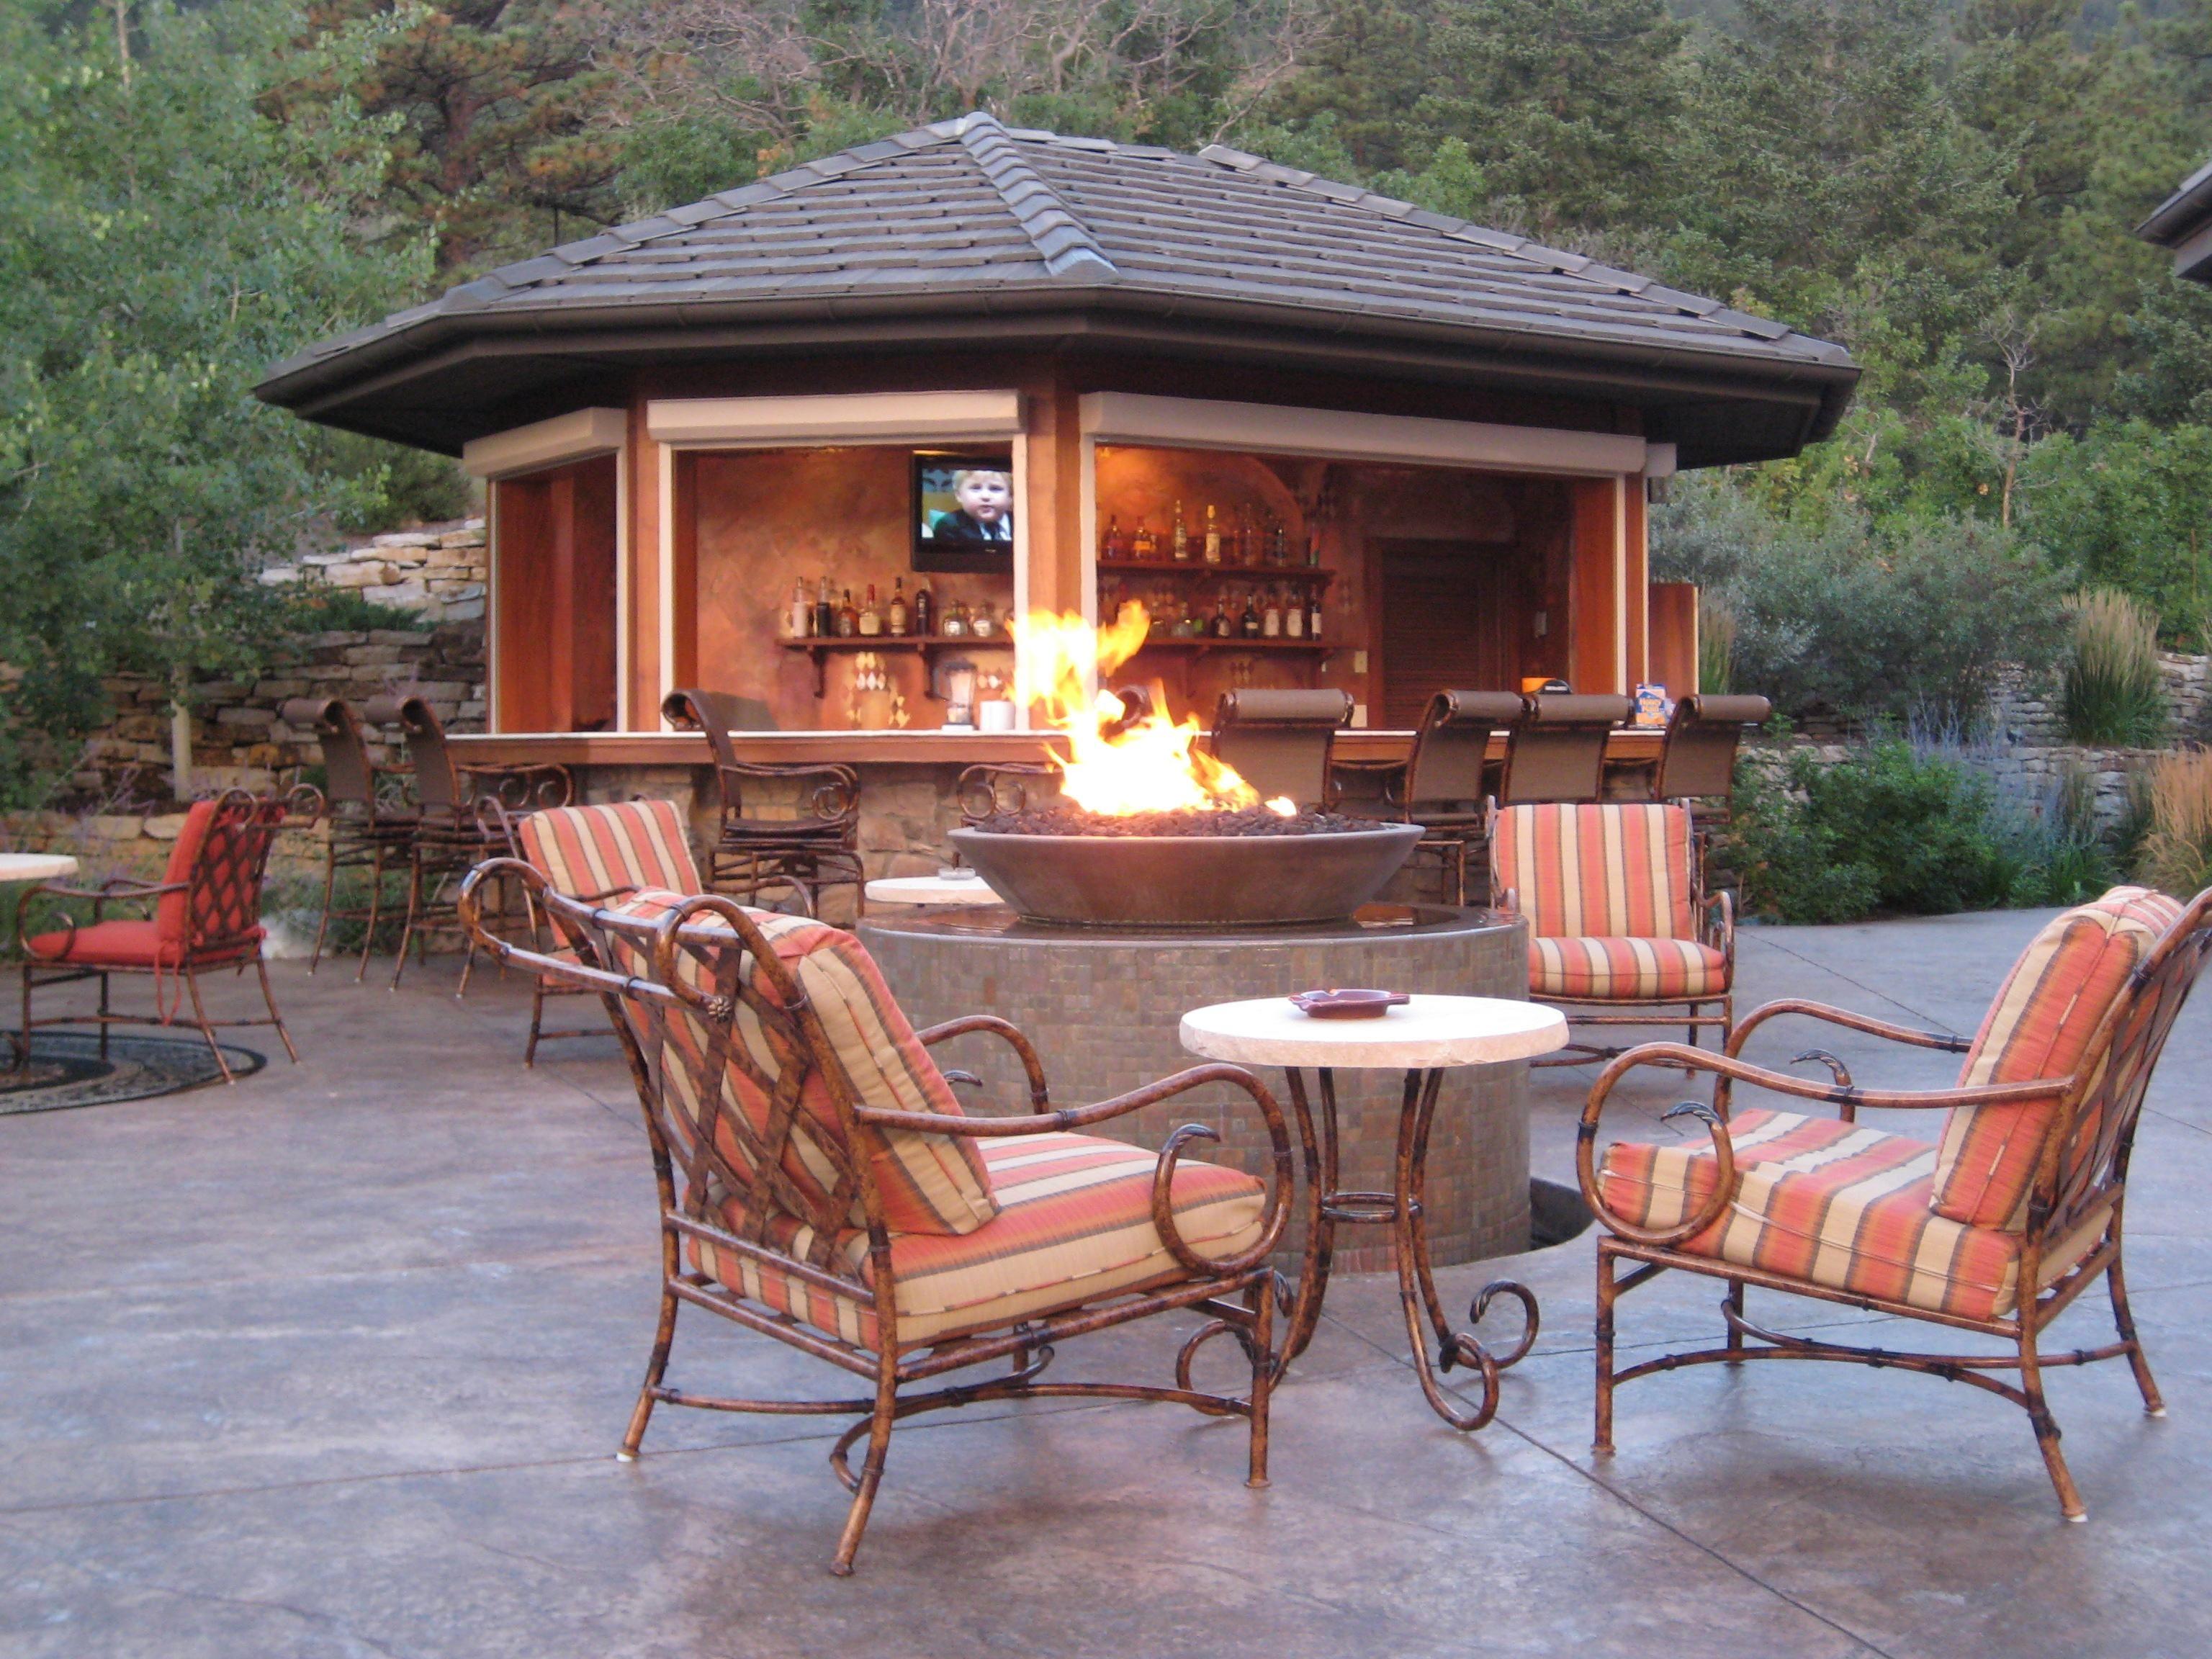 Outdoor Living Space Design Colorado Springs Luxury Patio Designs Outdoor Kitchen Design Outdoor Living Space Design Fire Pit Patio